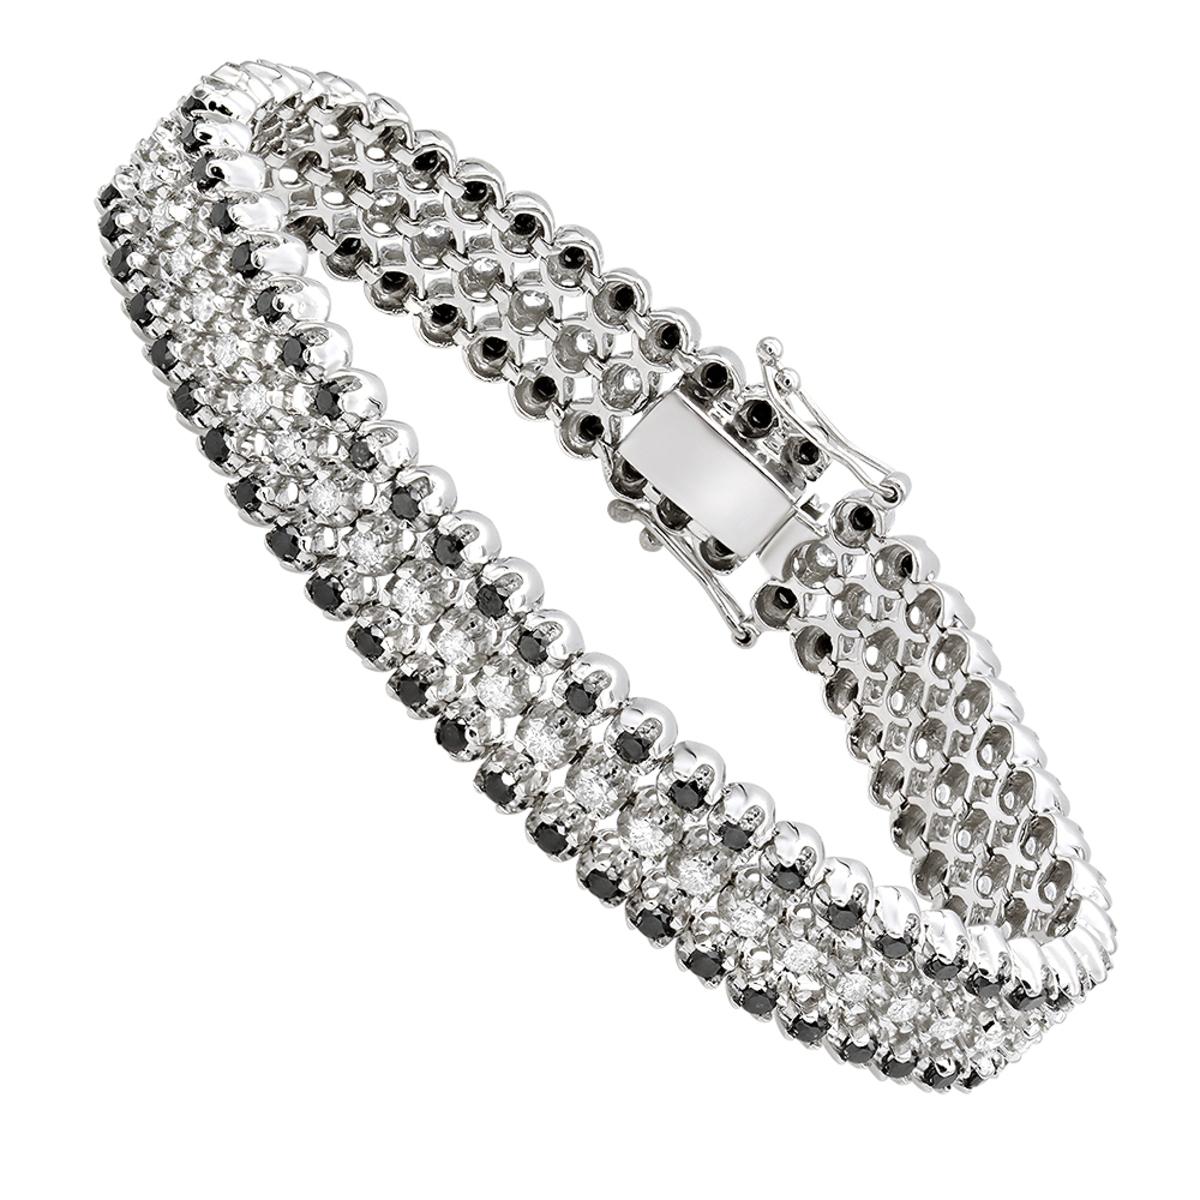 Luxurman White and Black Diamond Tennis Bracelet For Men in 14k Gold 8.5ct